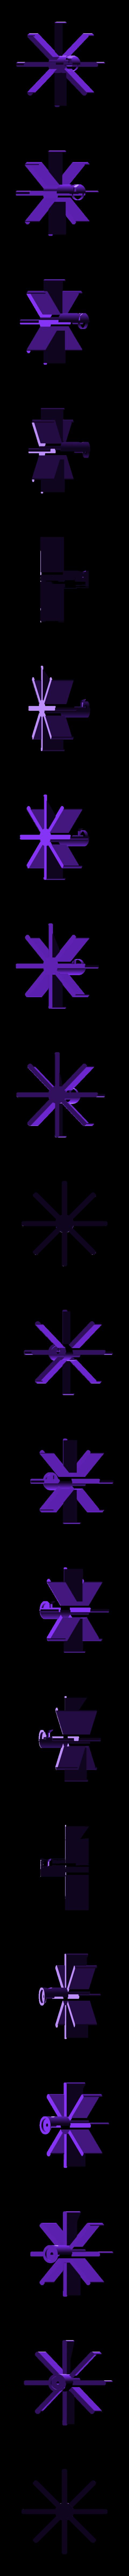 crickit-prop.stl Download free STL file Crickit Paddle Wheel Boat • 3D printer design, Adafruit